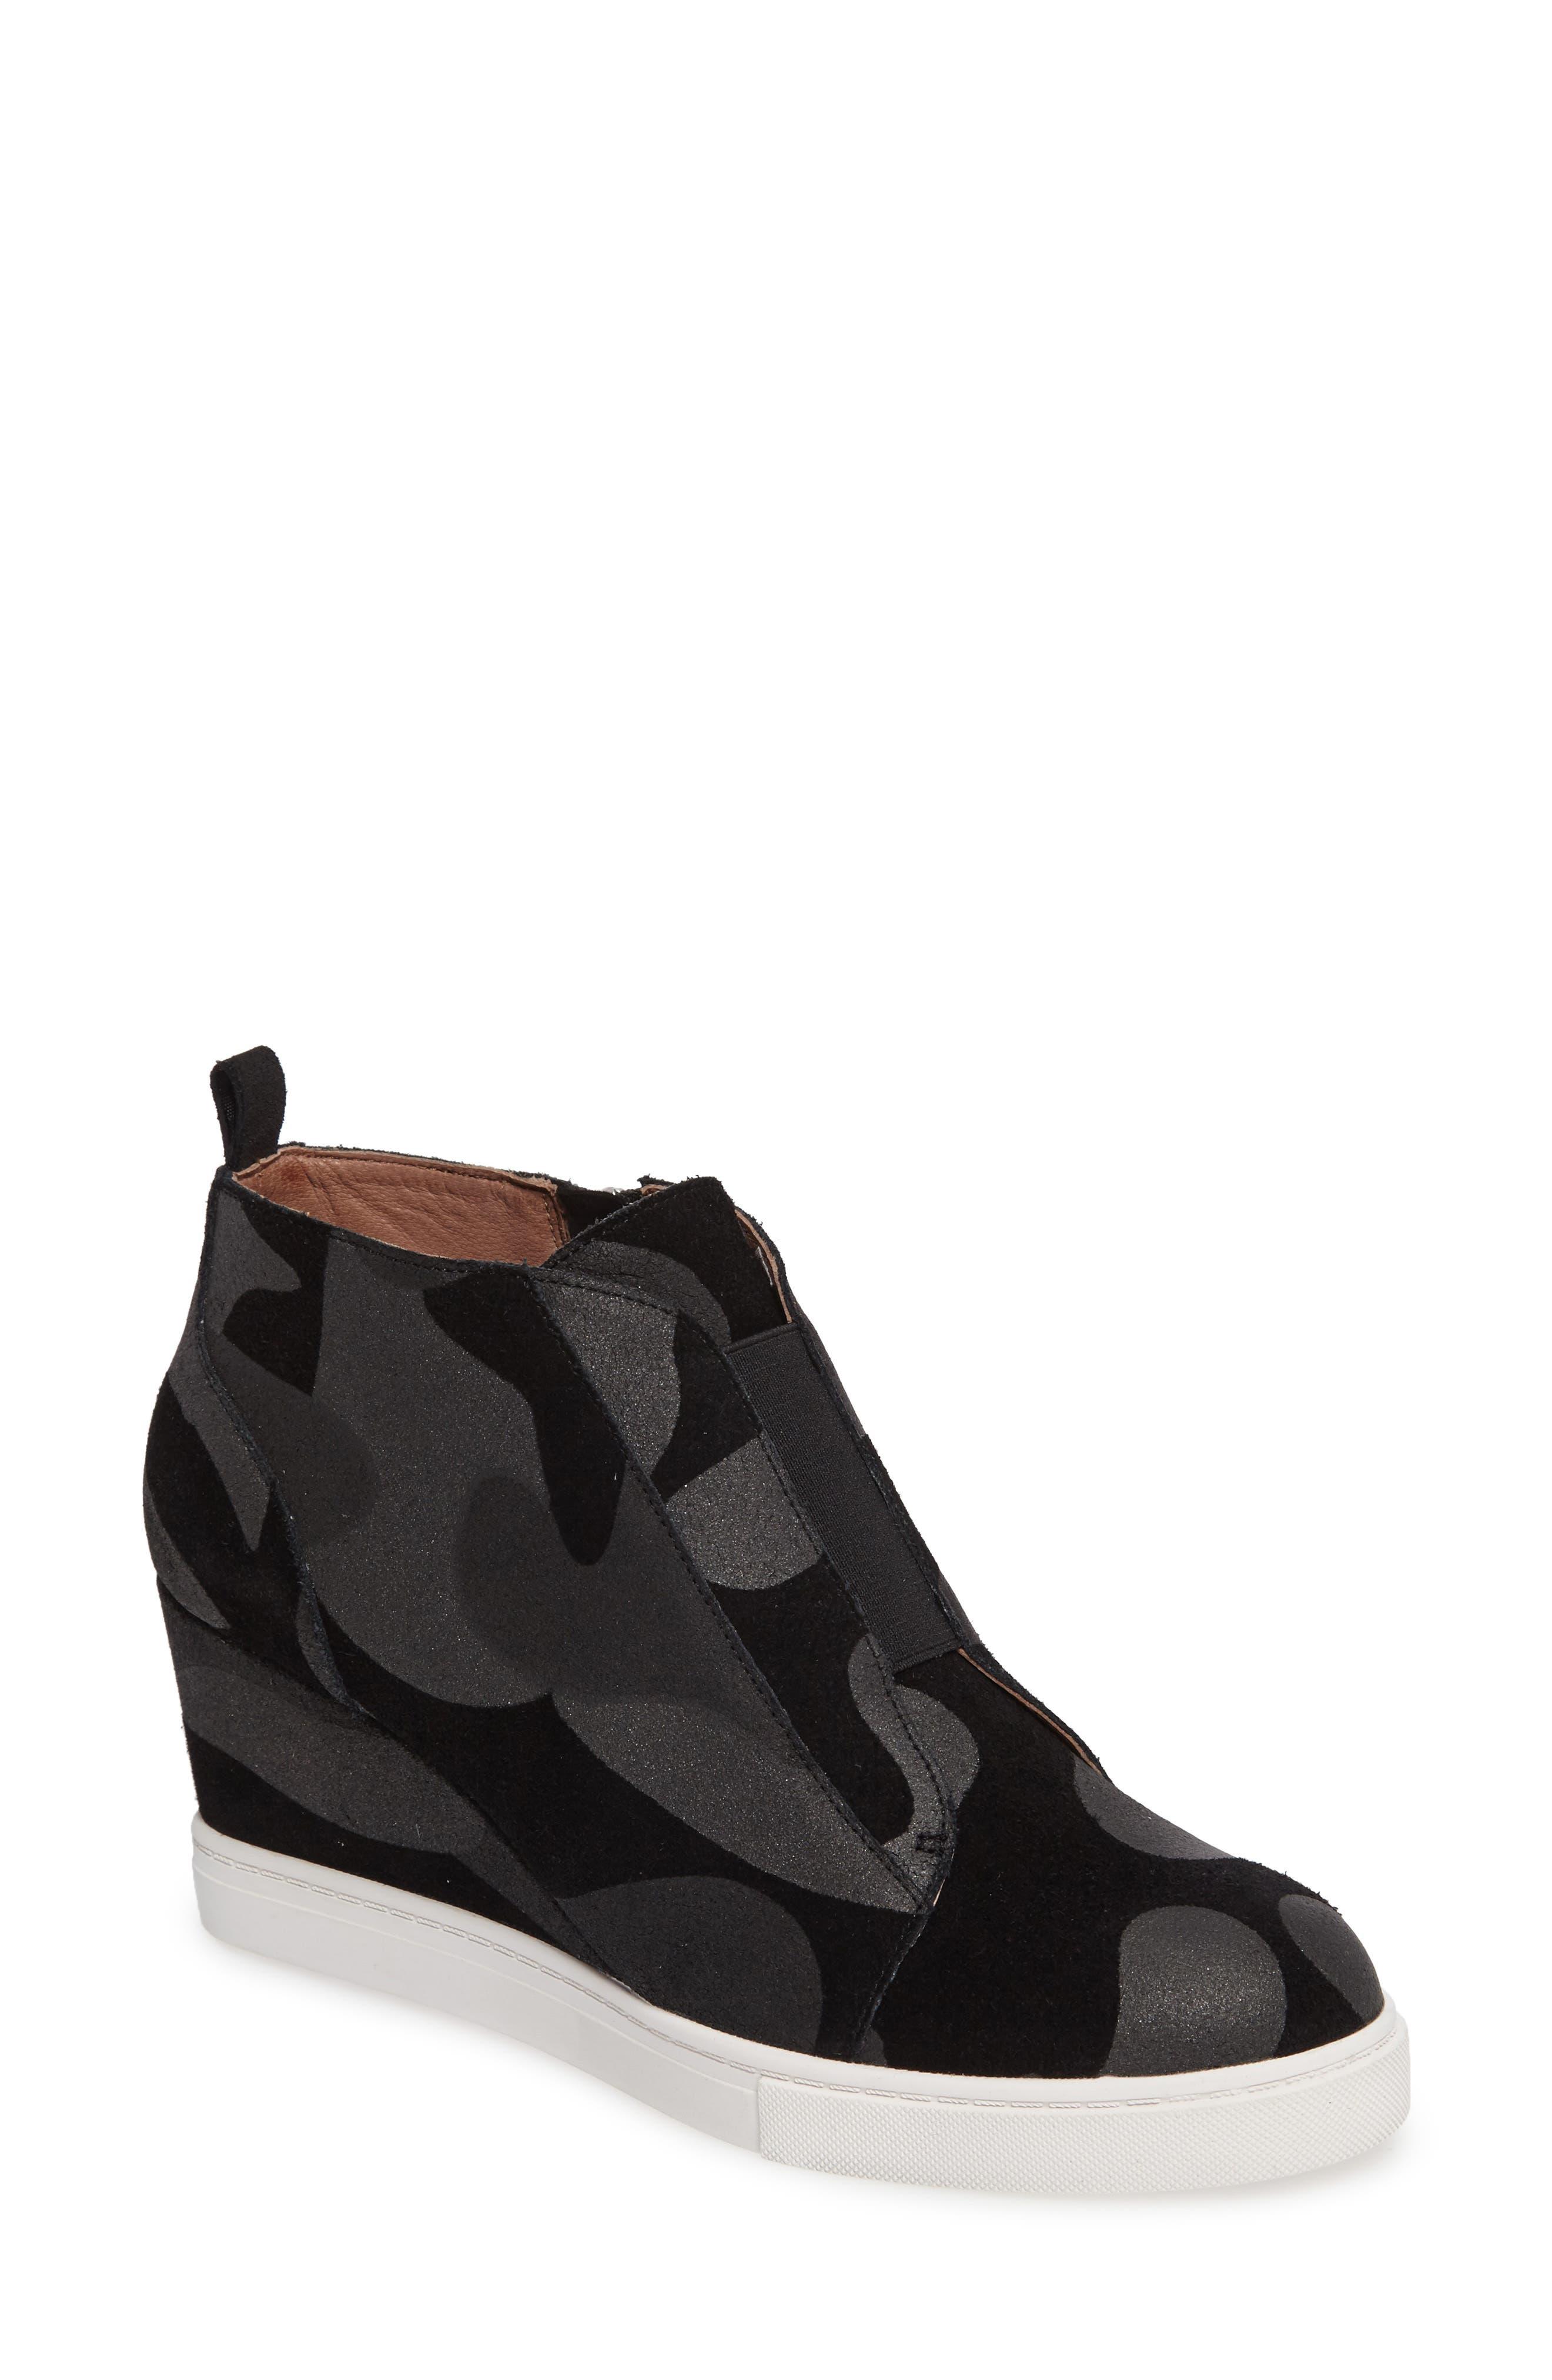 'Felicia' Wedge Bootie,                         Main,                         color, Black/ Dark Grey Print Suede